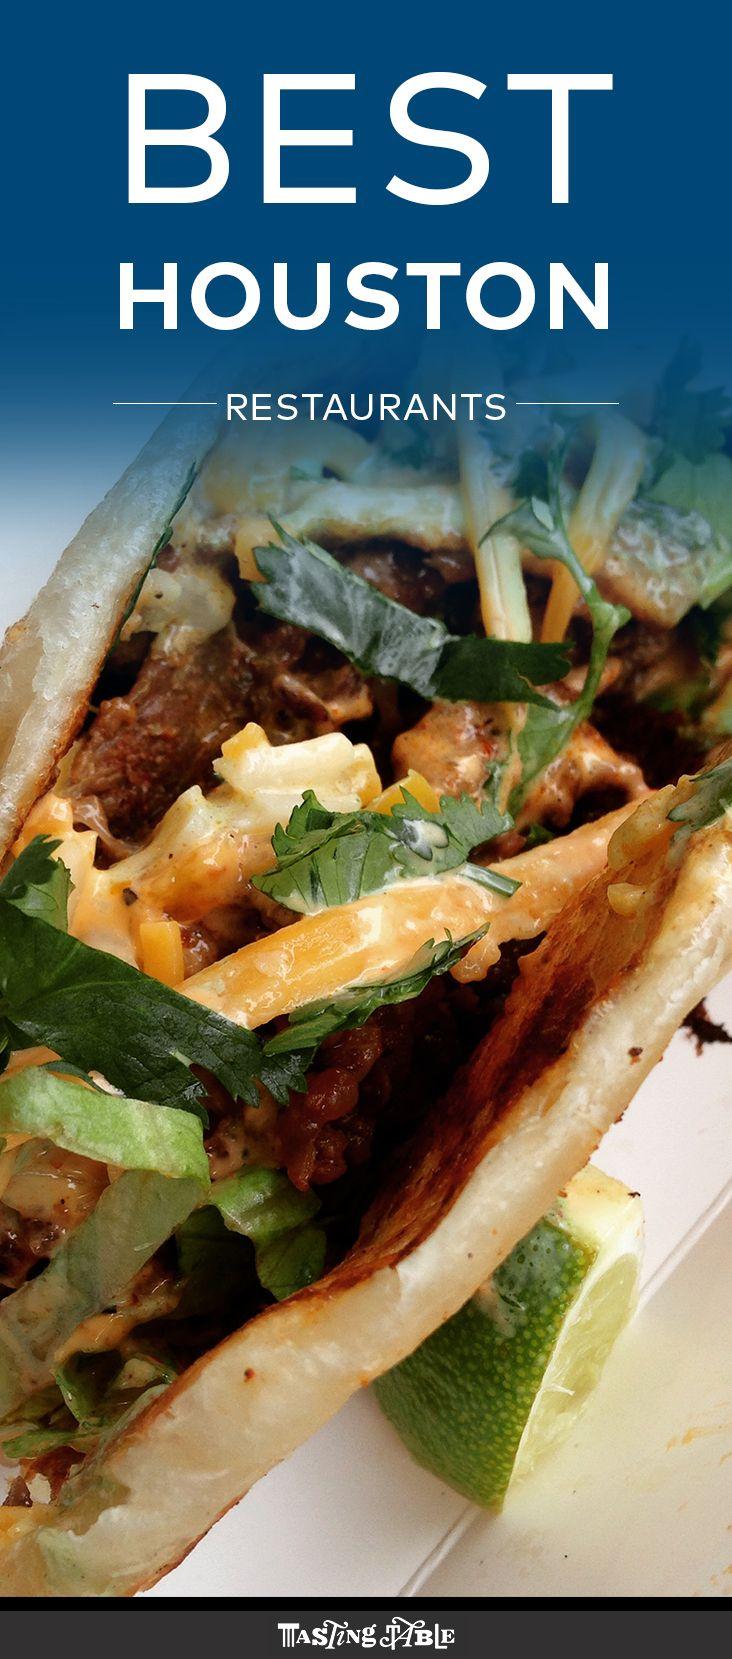 Best Houston Restaurants